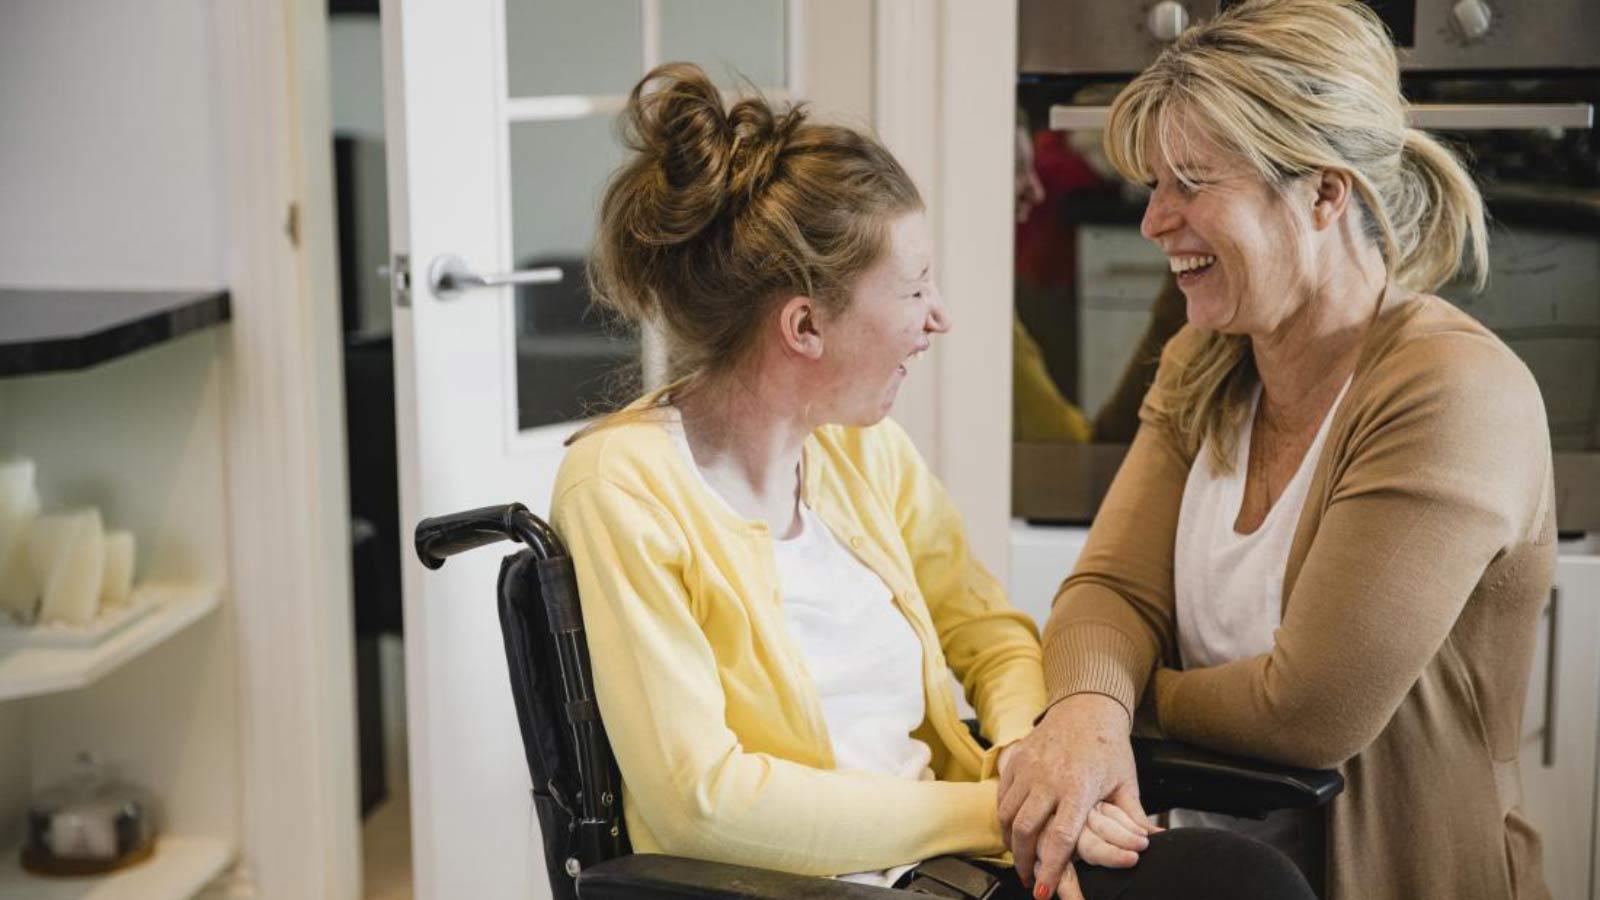 اختلال بلع و مشکل گفتار در بیماری ای ال اس - ALS